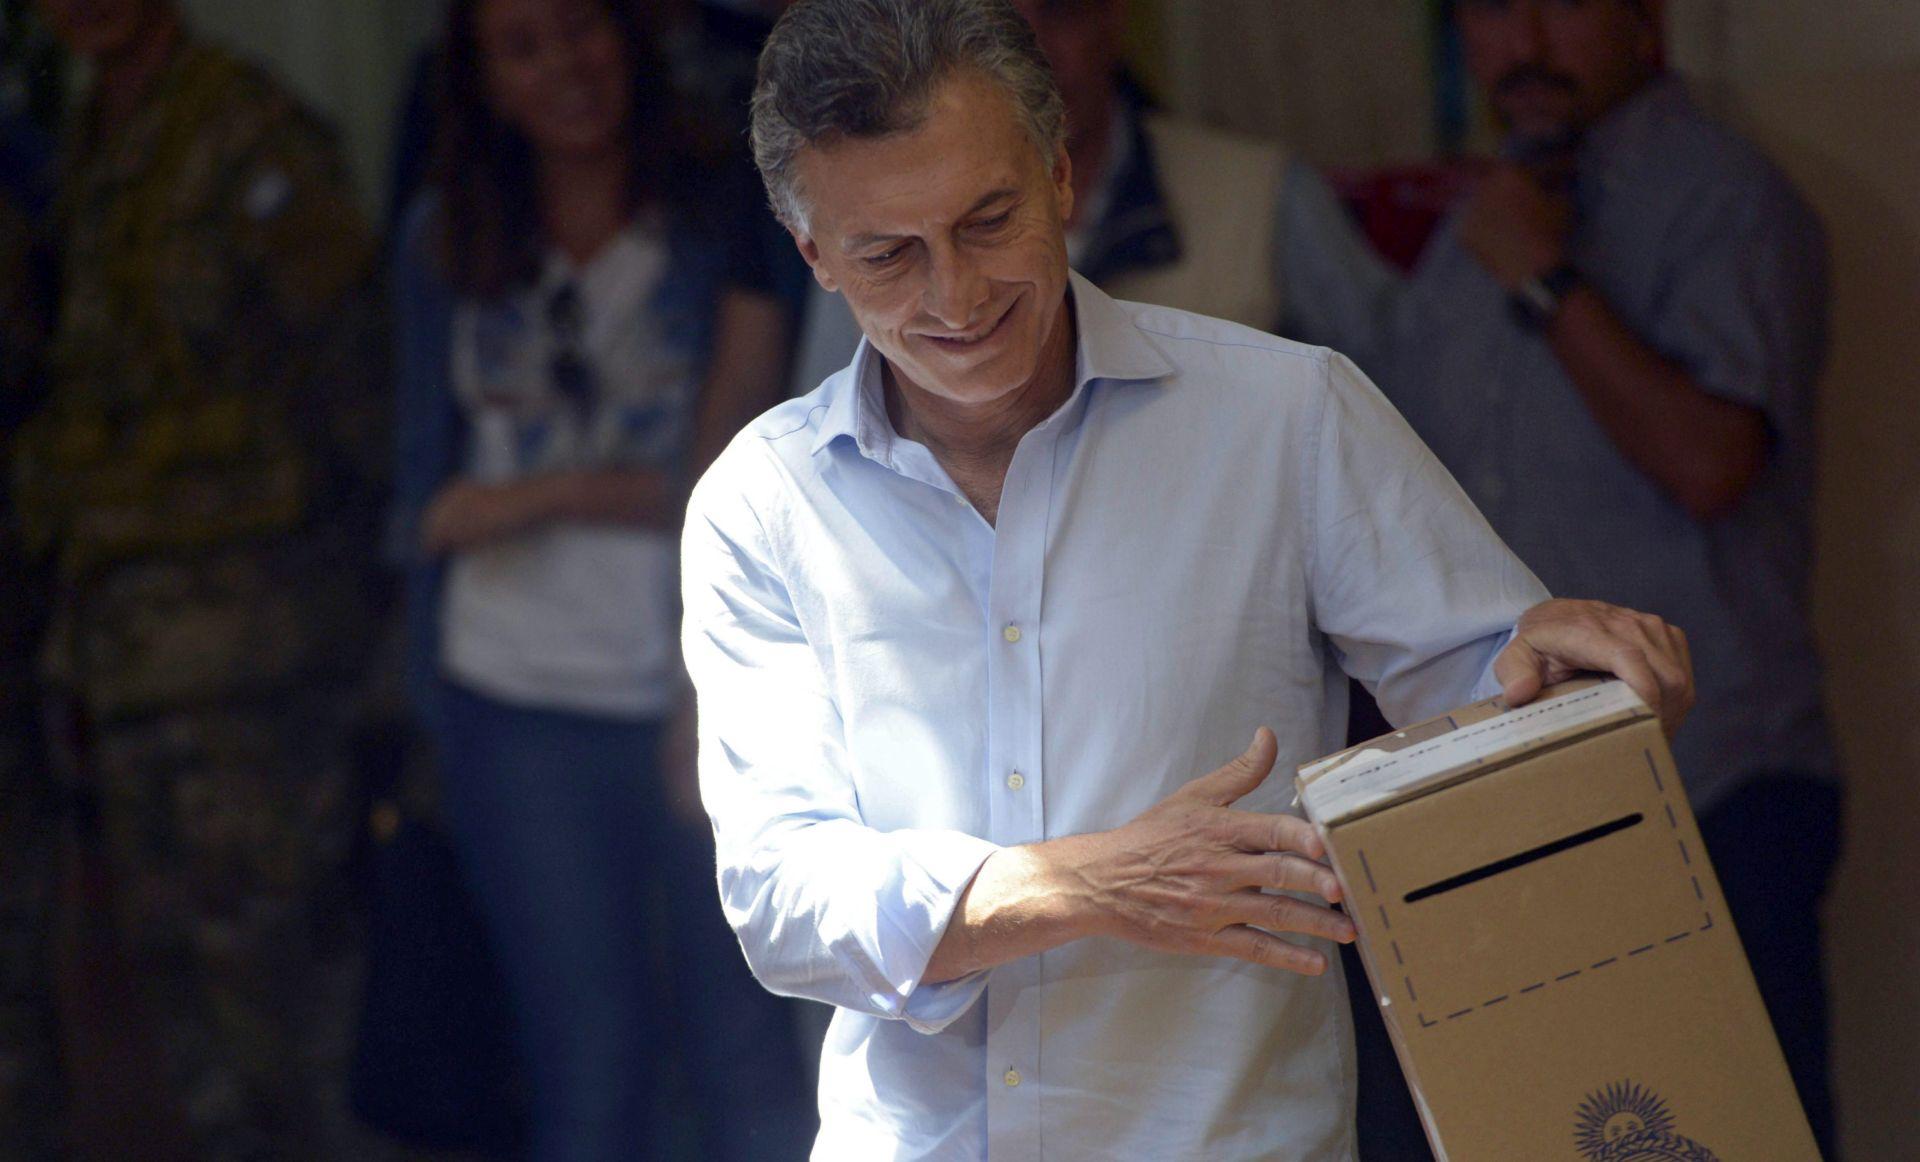 NOVI ARGENTINSKI PREDSJEDNIK: Mauricio Macri u drugom krugu pobijedio Daniela Scioli-a